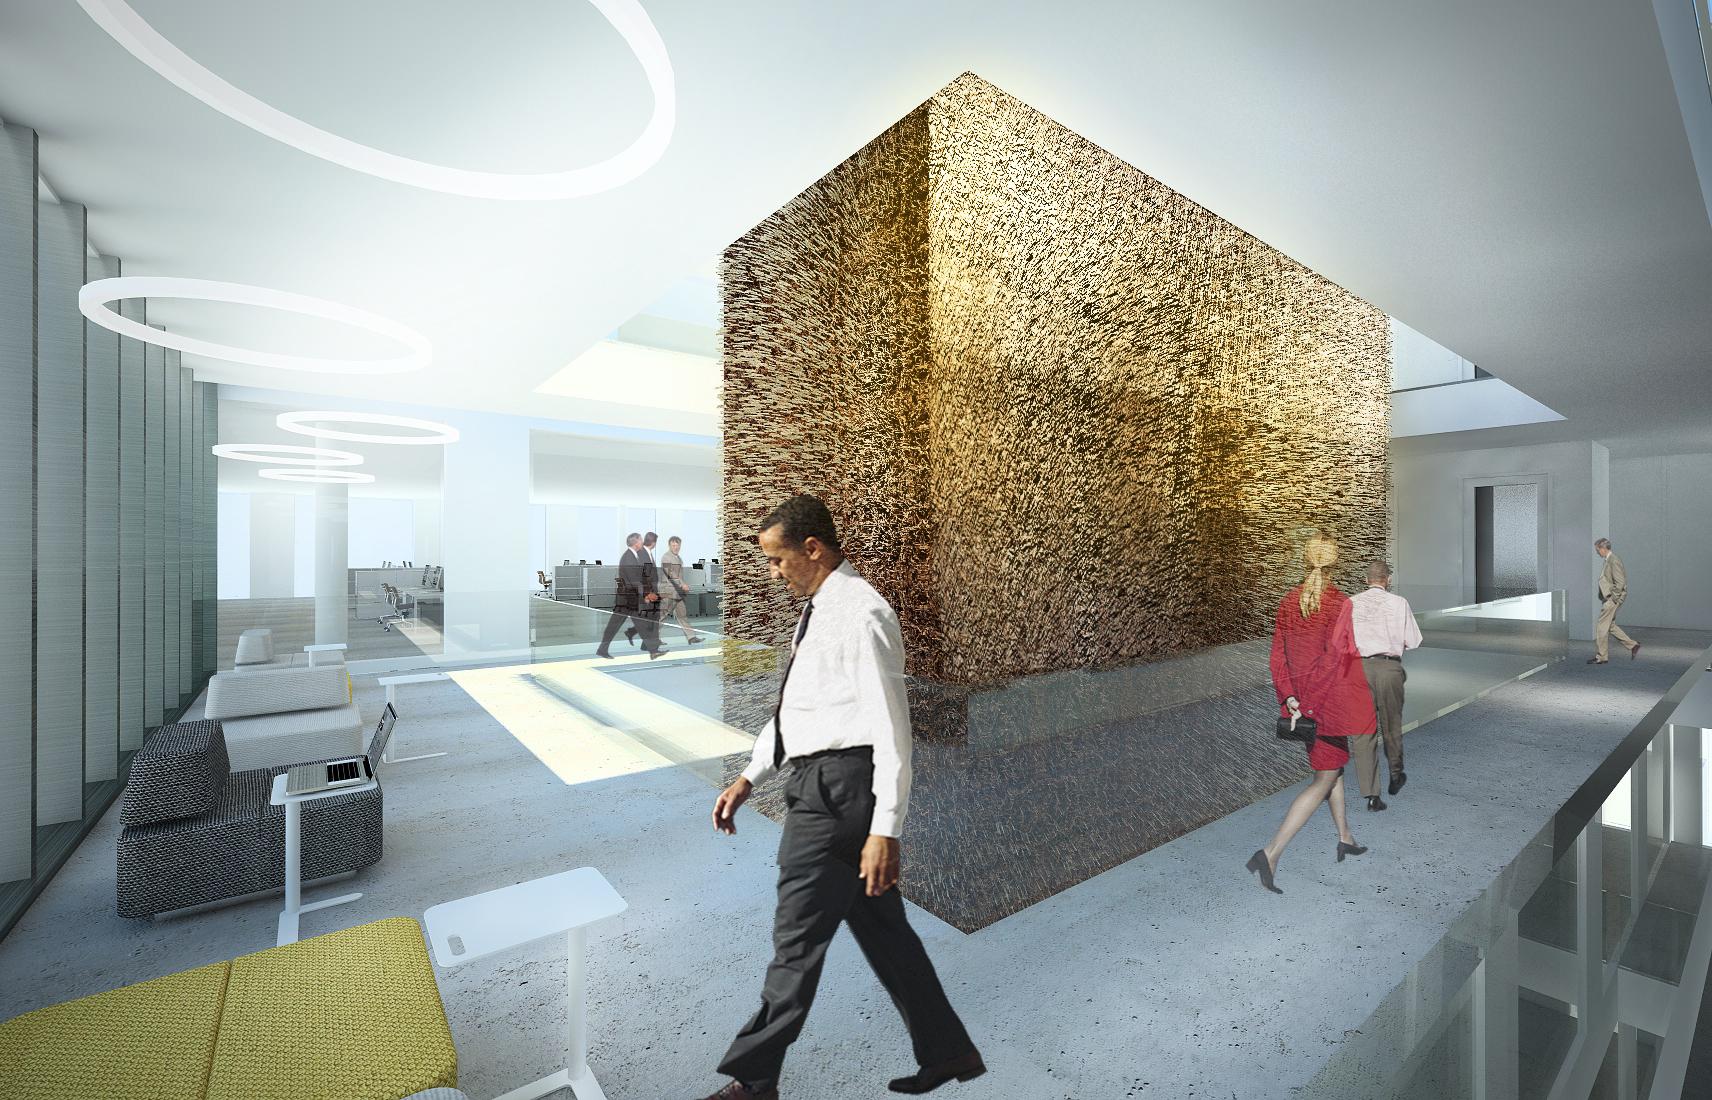 koncepcja-atrium-tężnie-meble biurowe martela.jpg